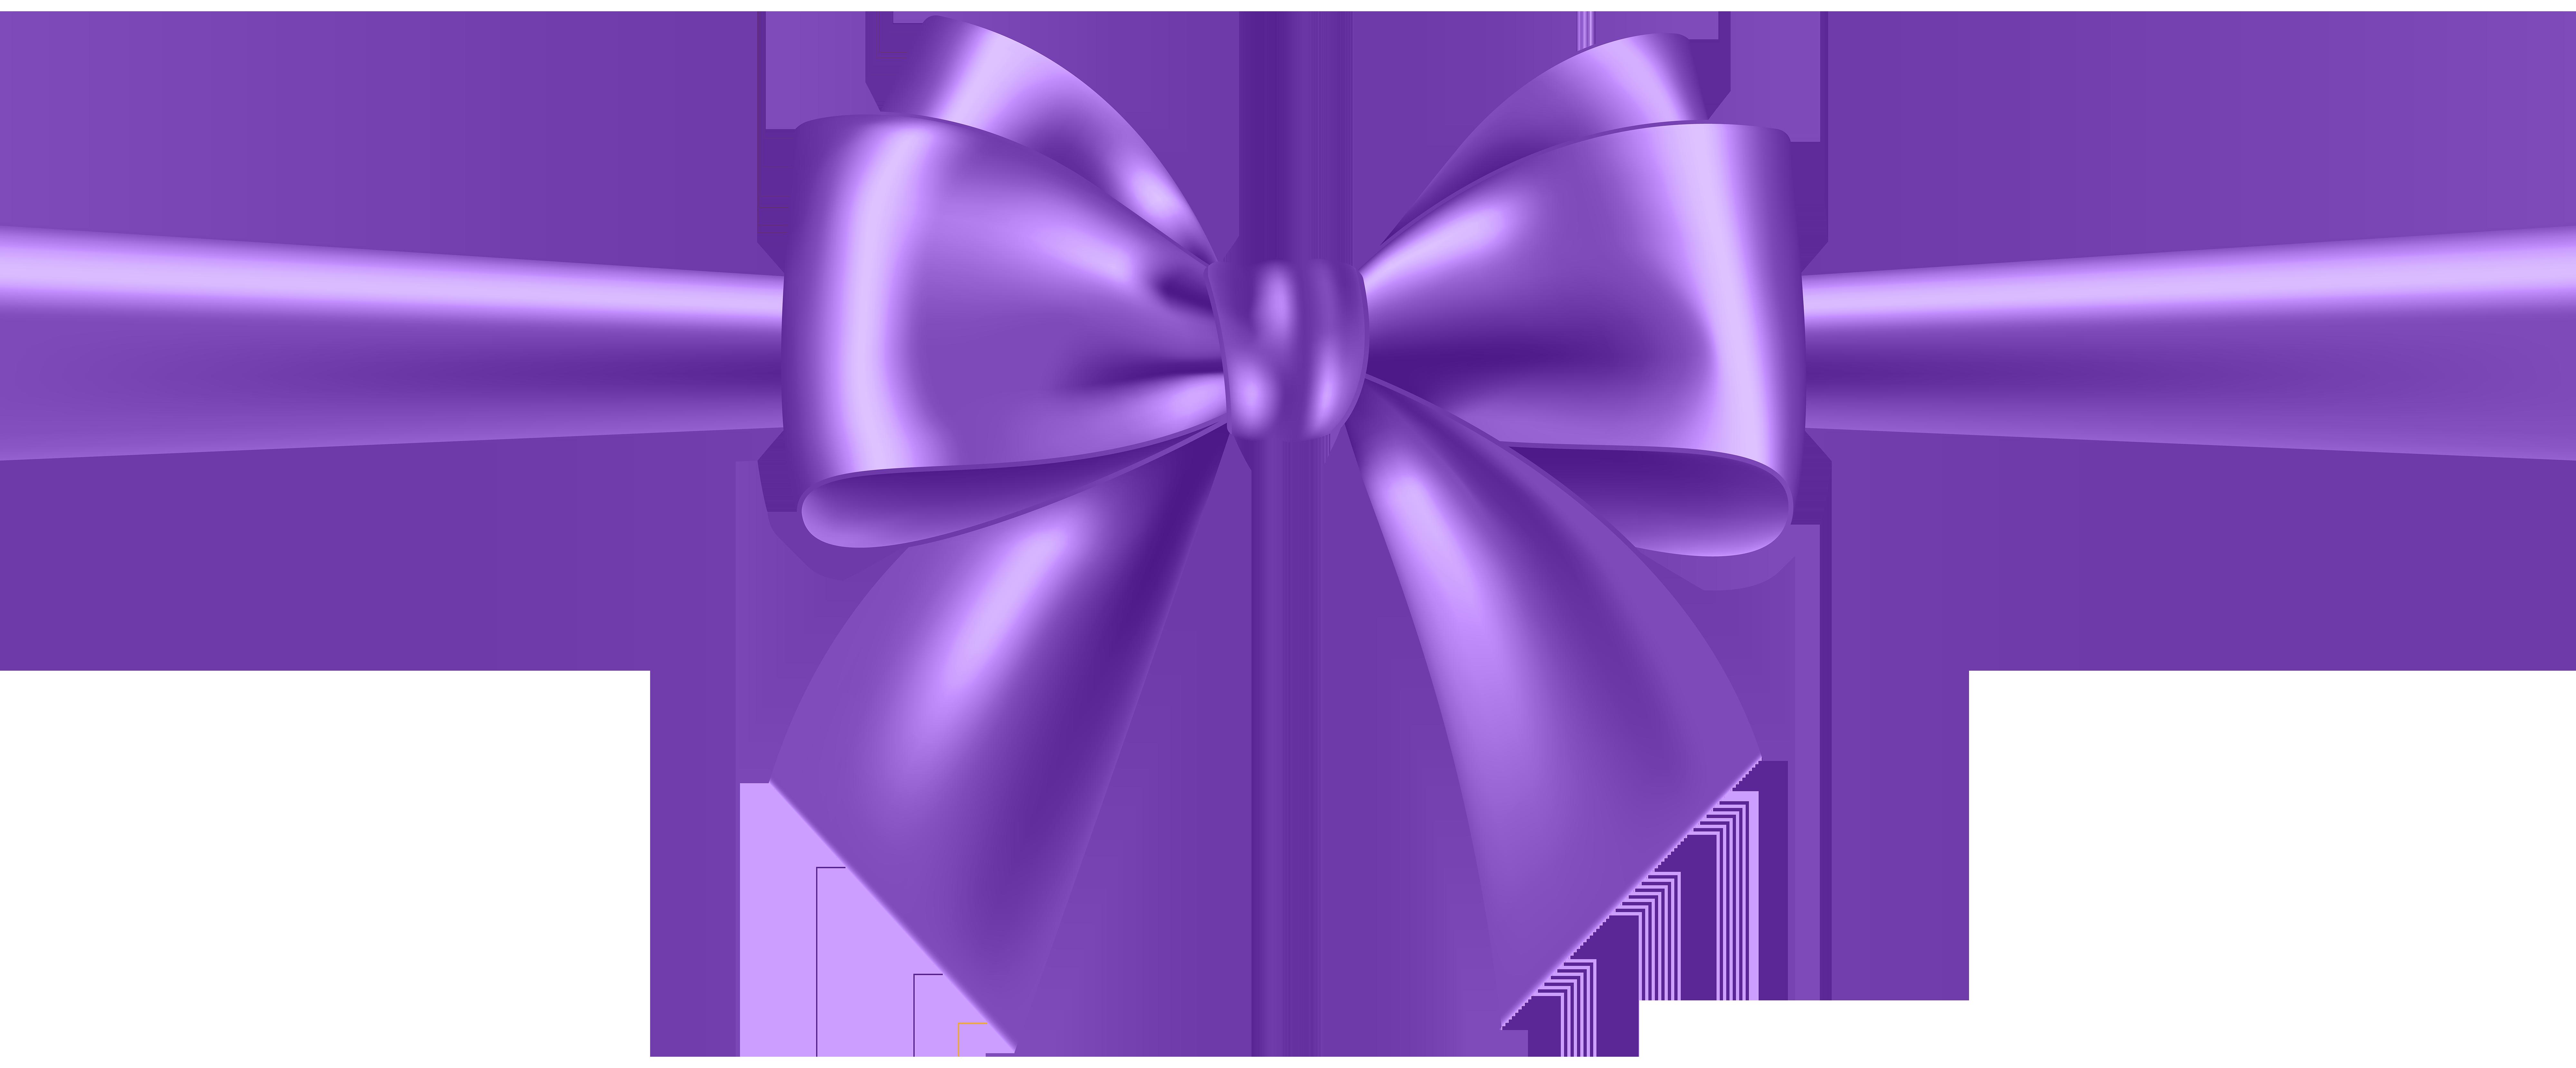 Bow transparent clip art. Bows clipart purple